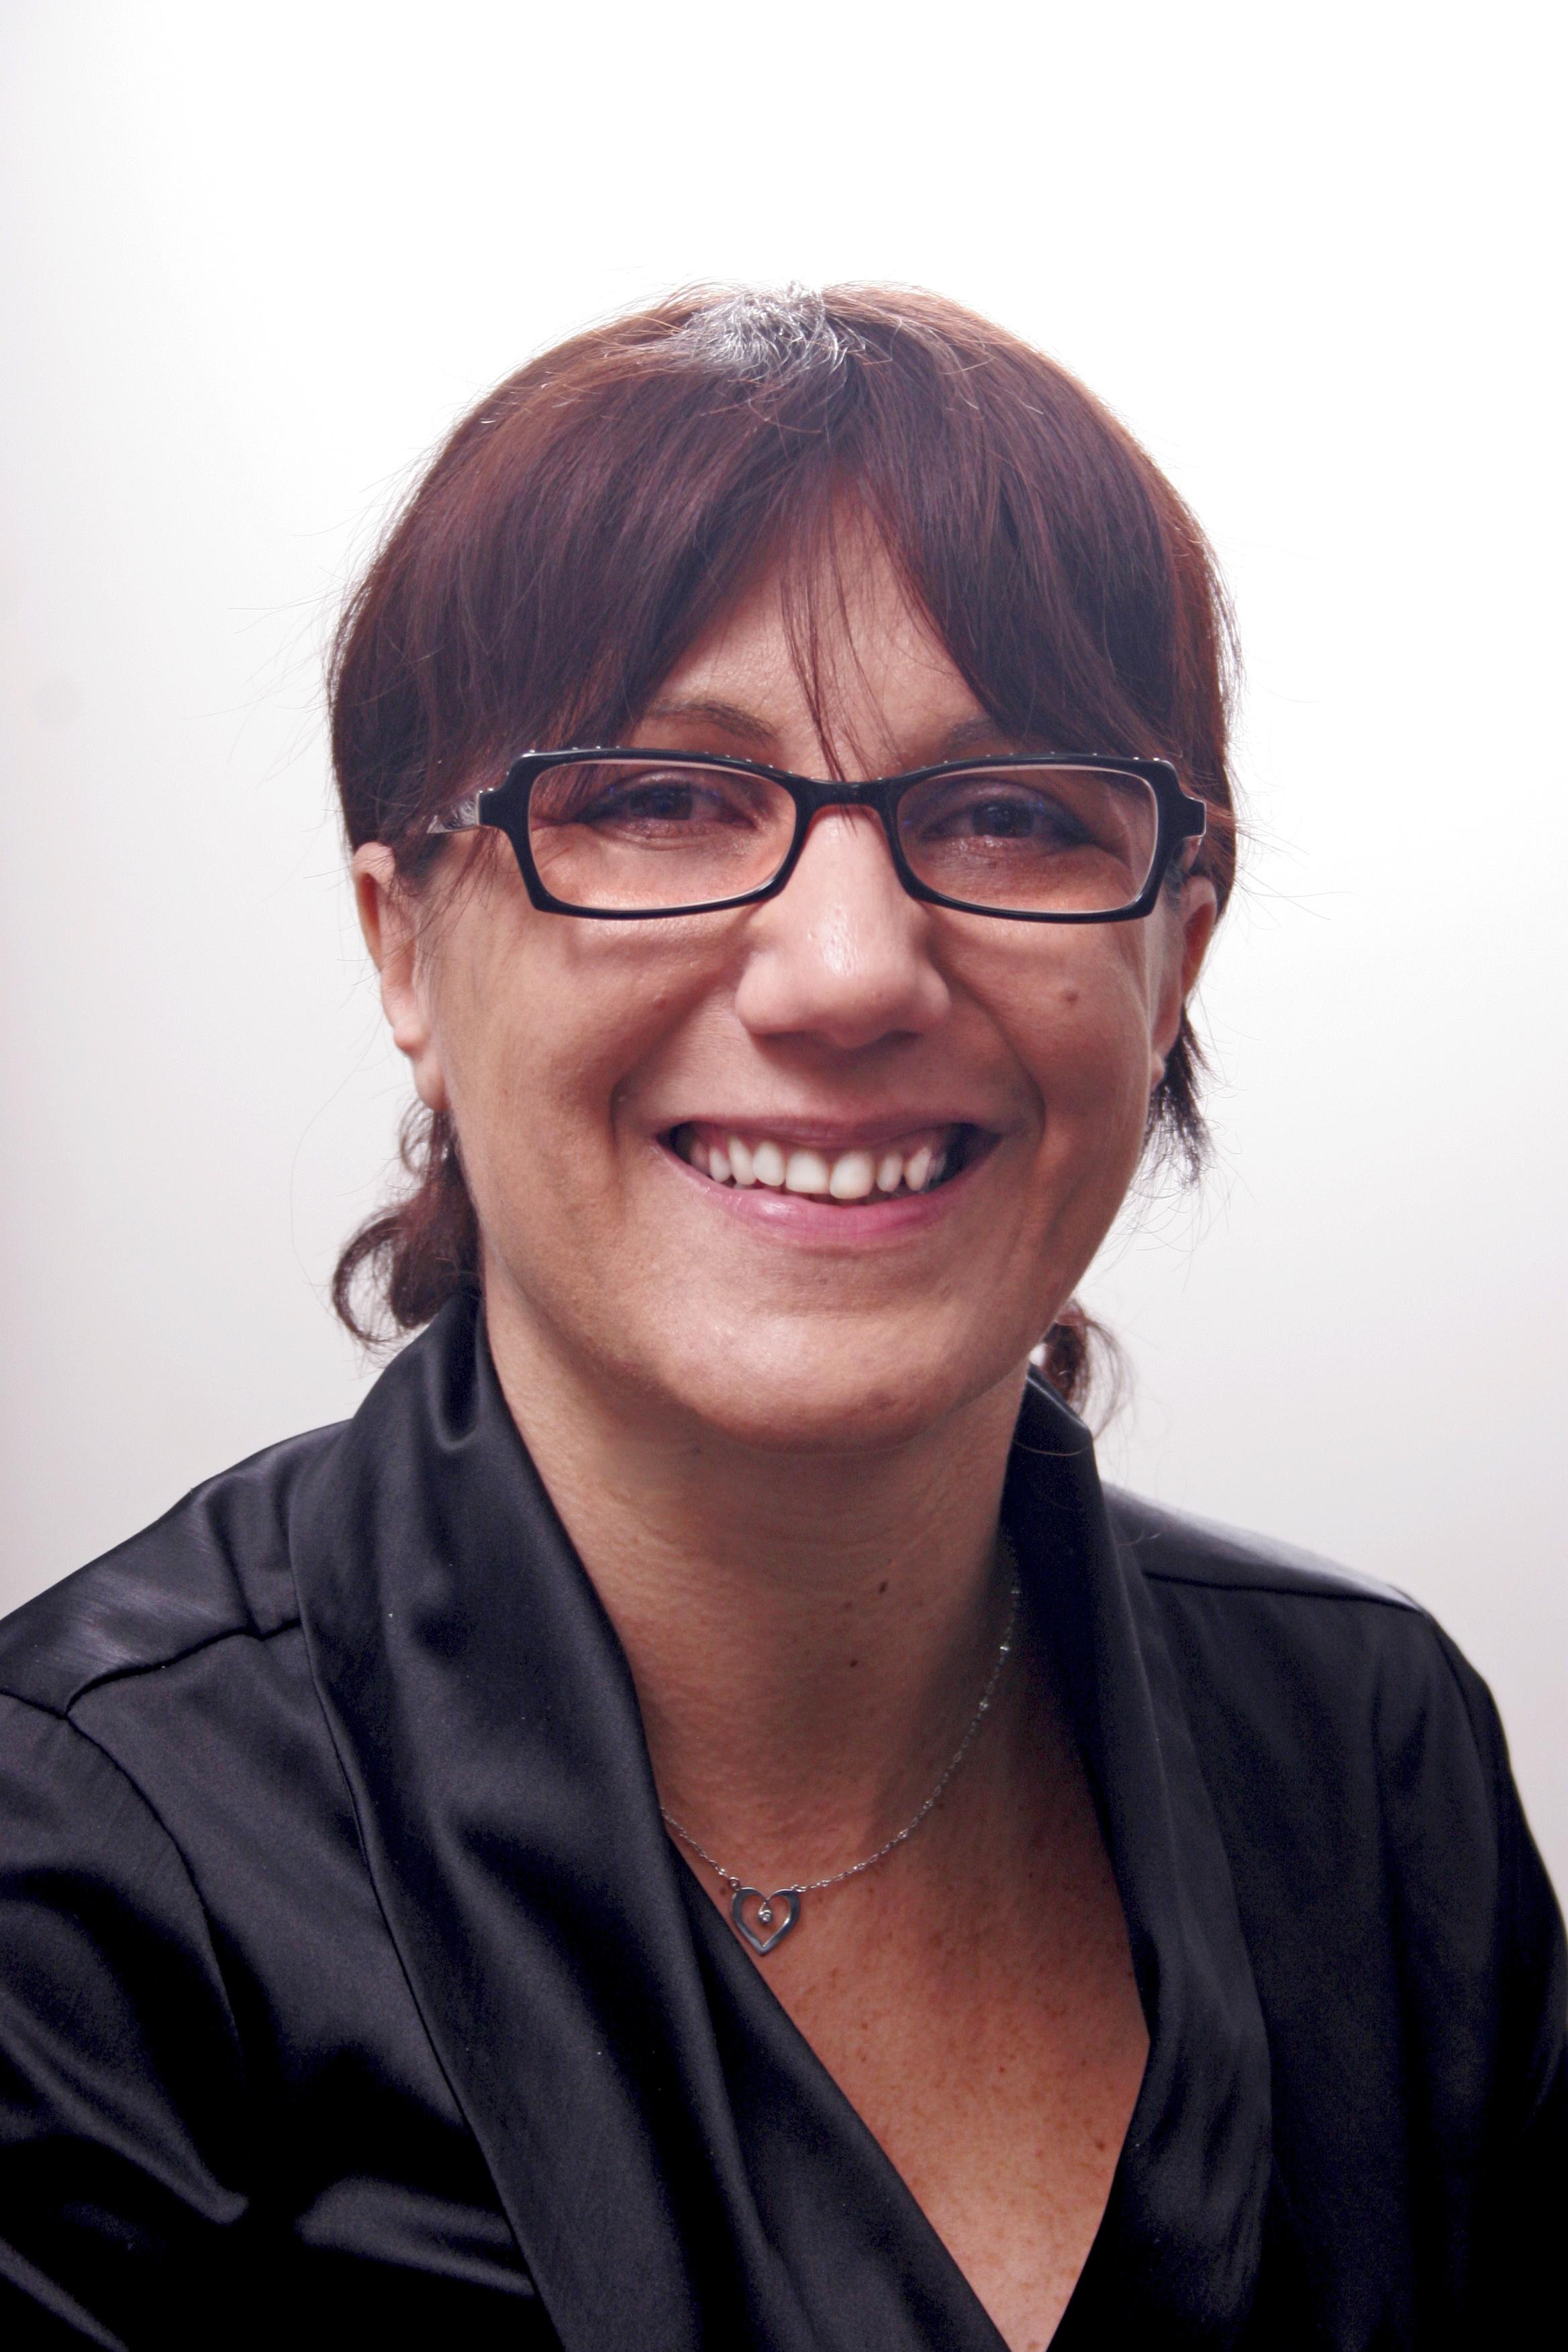 Carmen Palumbo